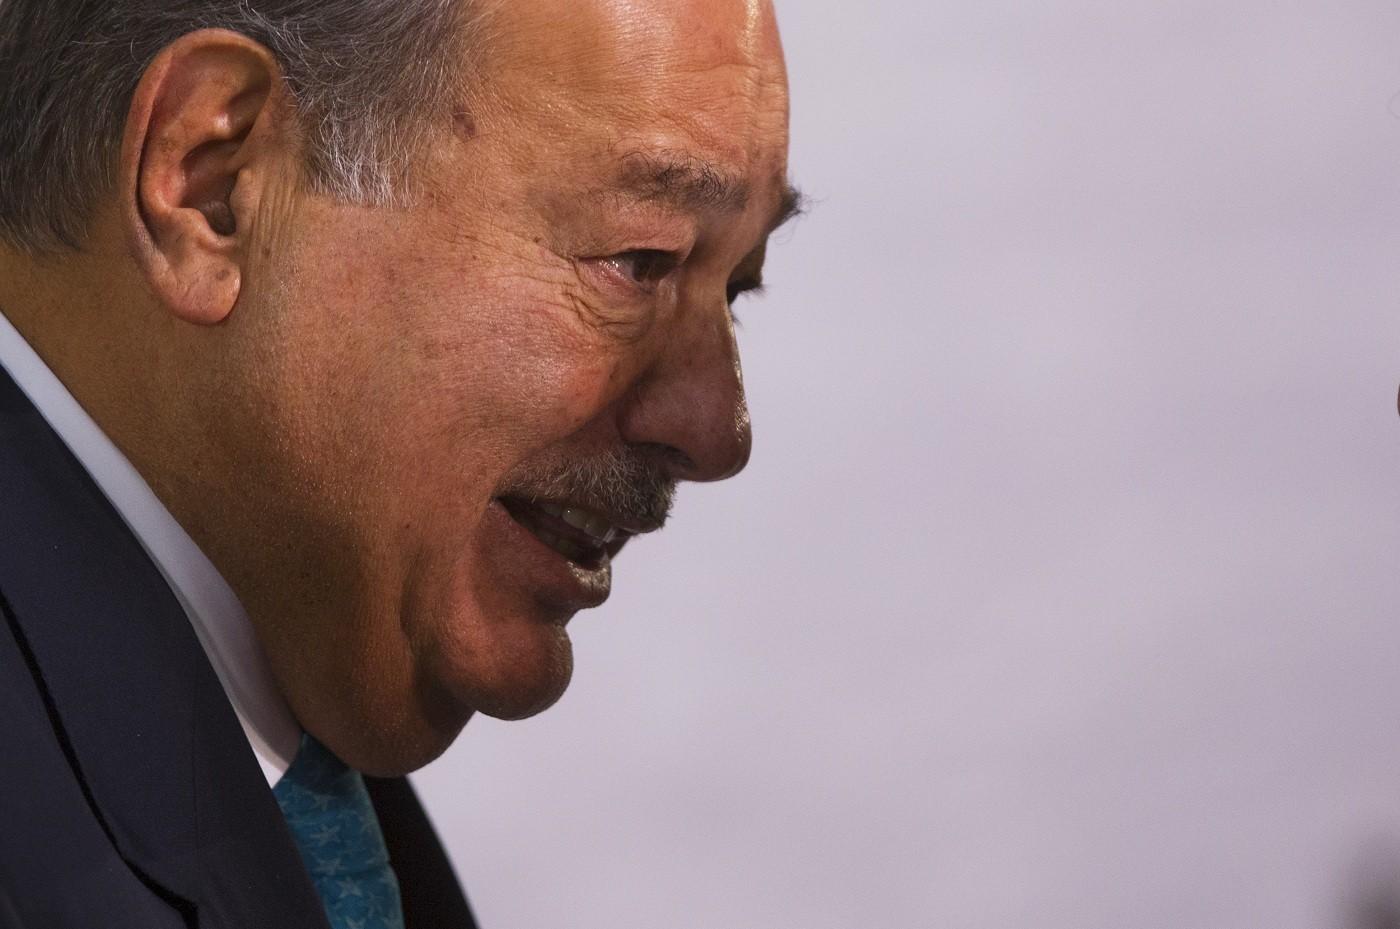 Carlos Slim (Foto: Hector Vivas/STR/Getty Images)